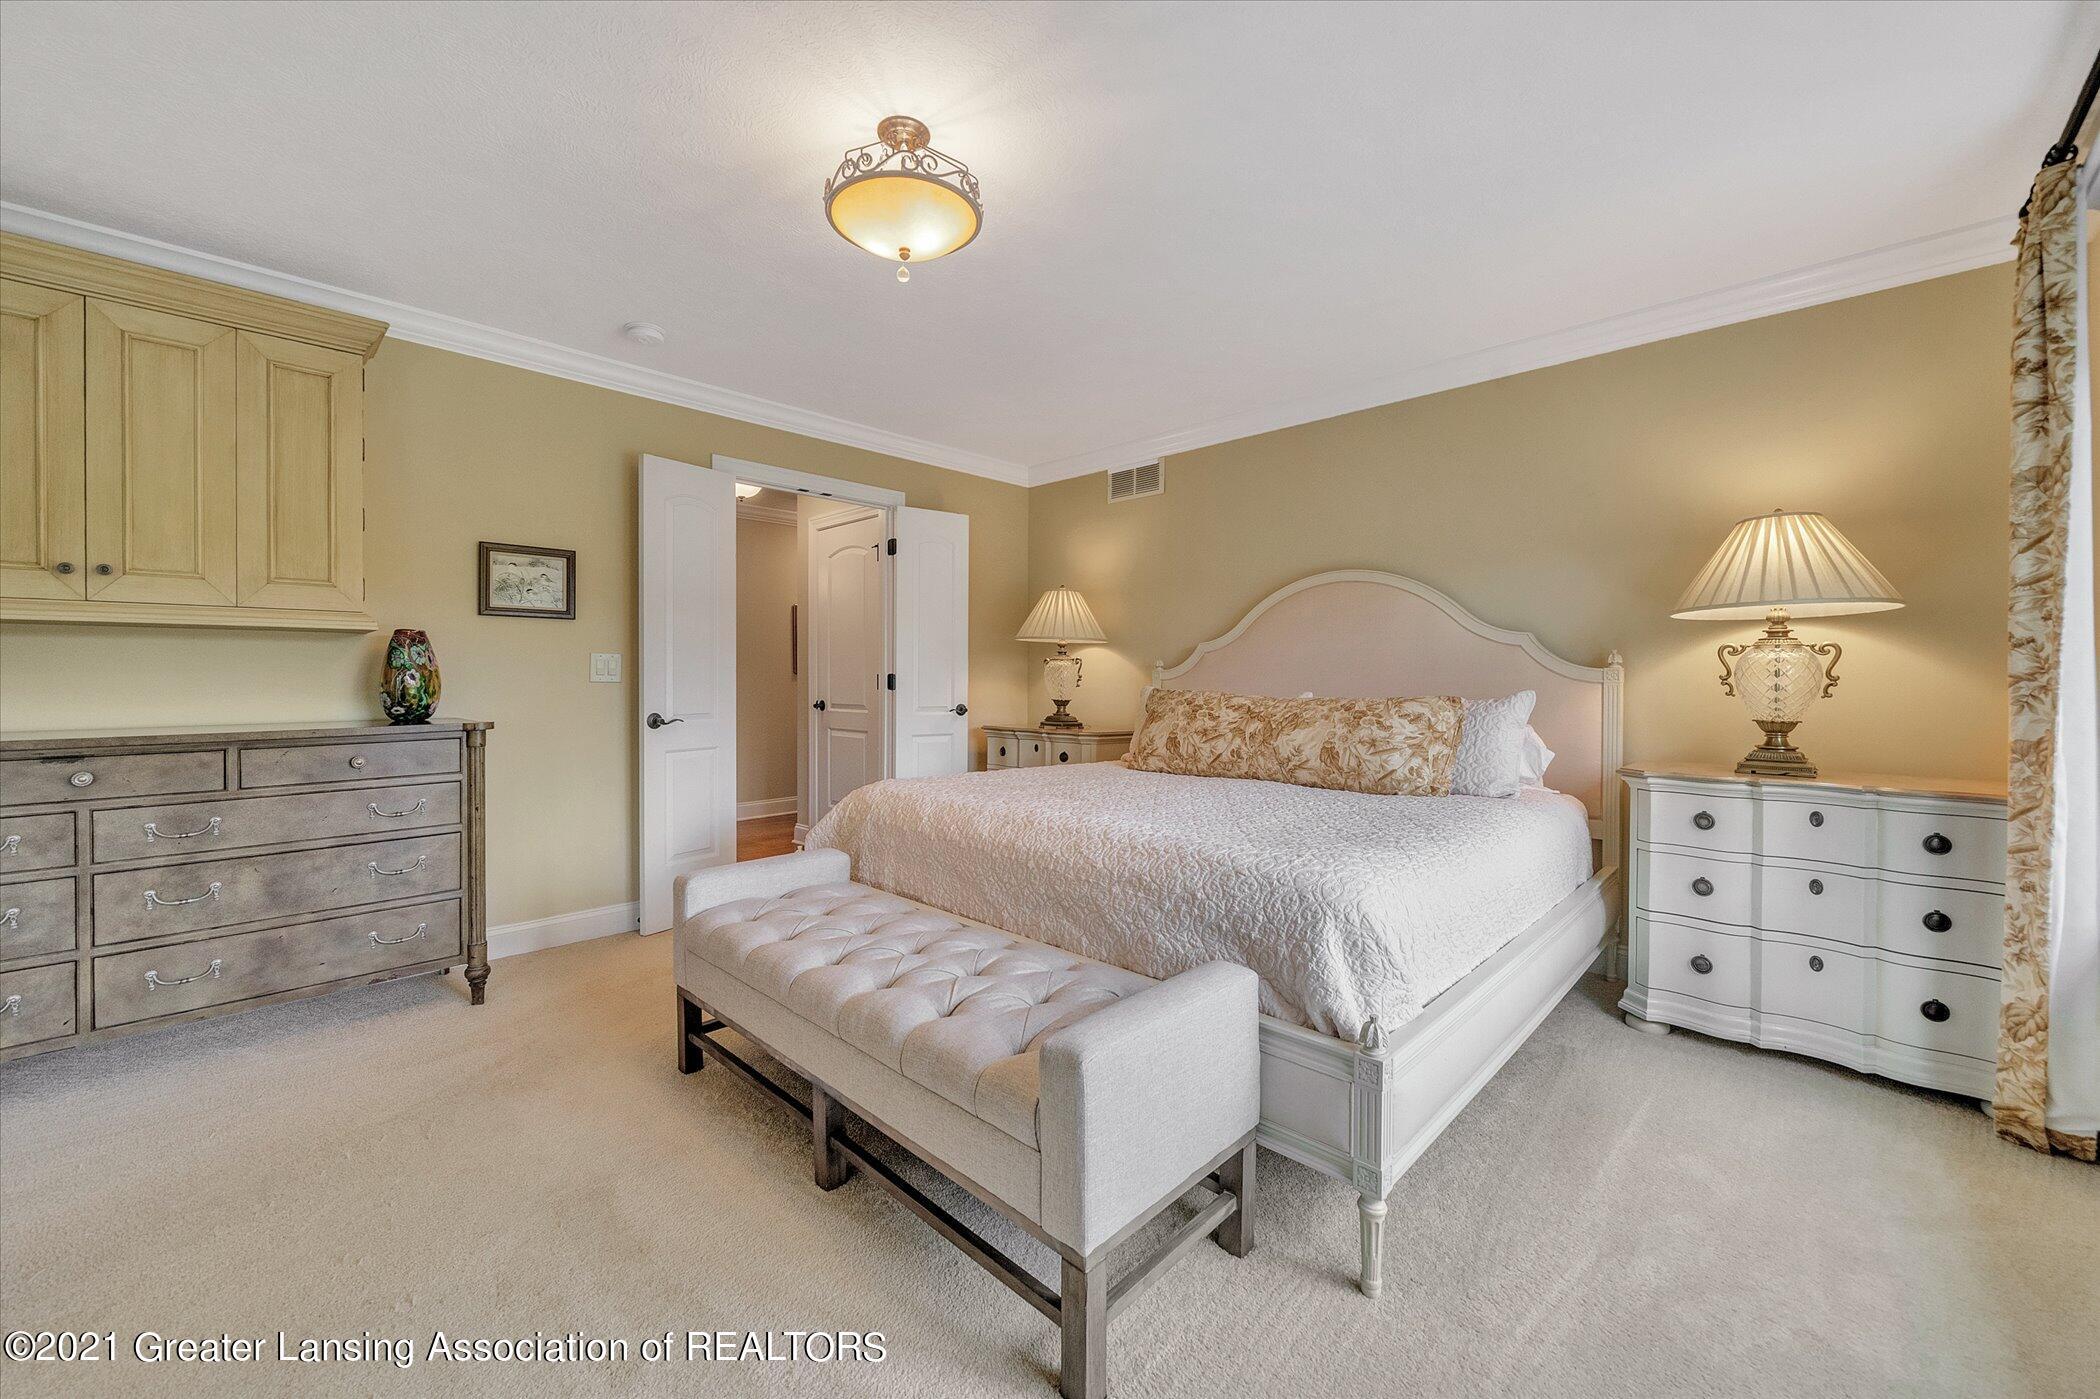 6330 Pine Hollow Dr - MAIN FLOOR Primary Bedroom - 26